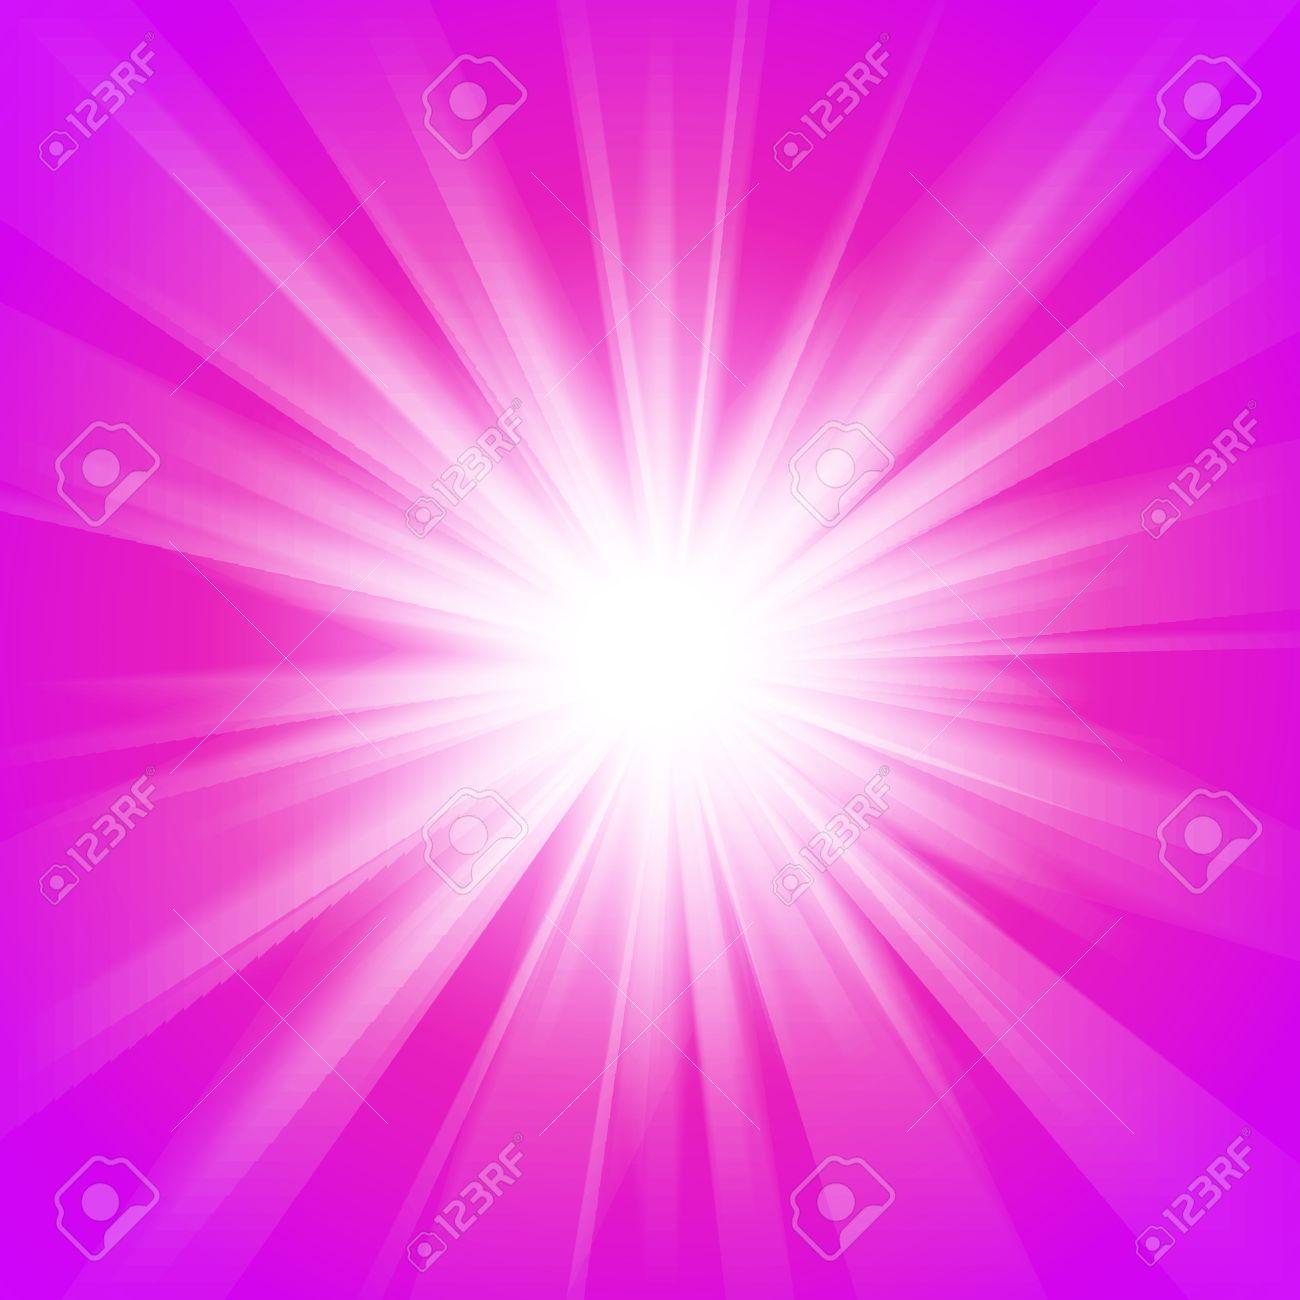 ピンクとパープル抽象魔法光の背景 壮大な設計のためのベクトル図web